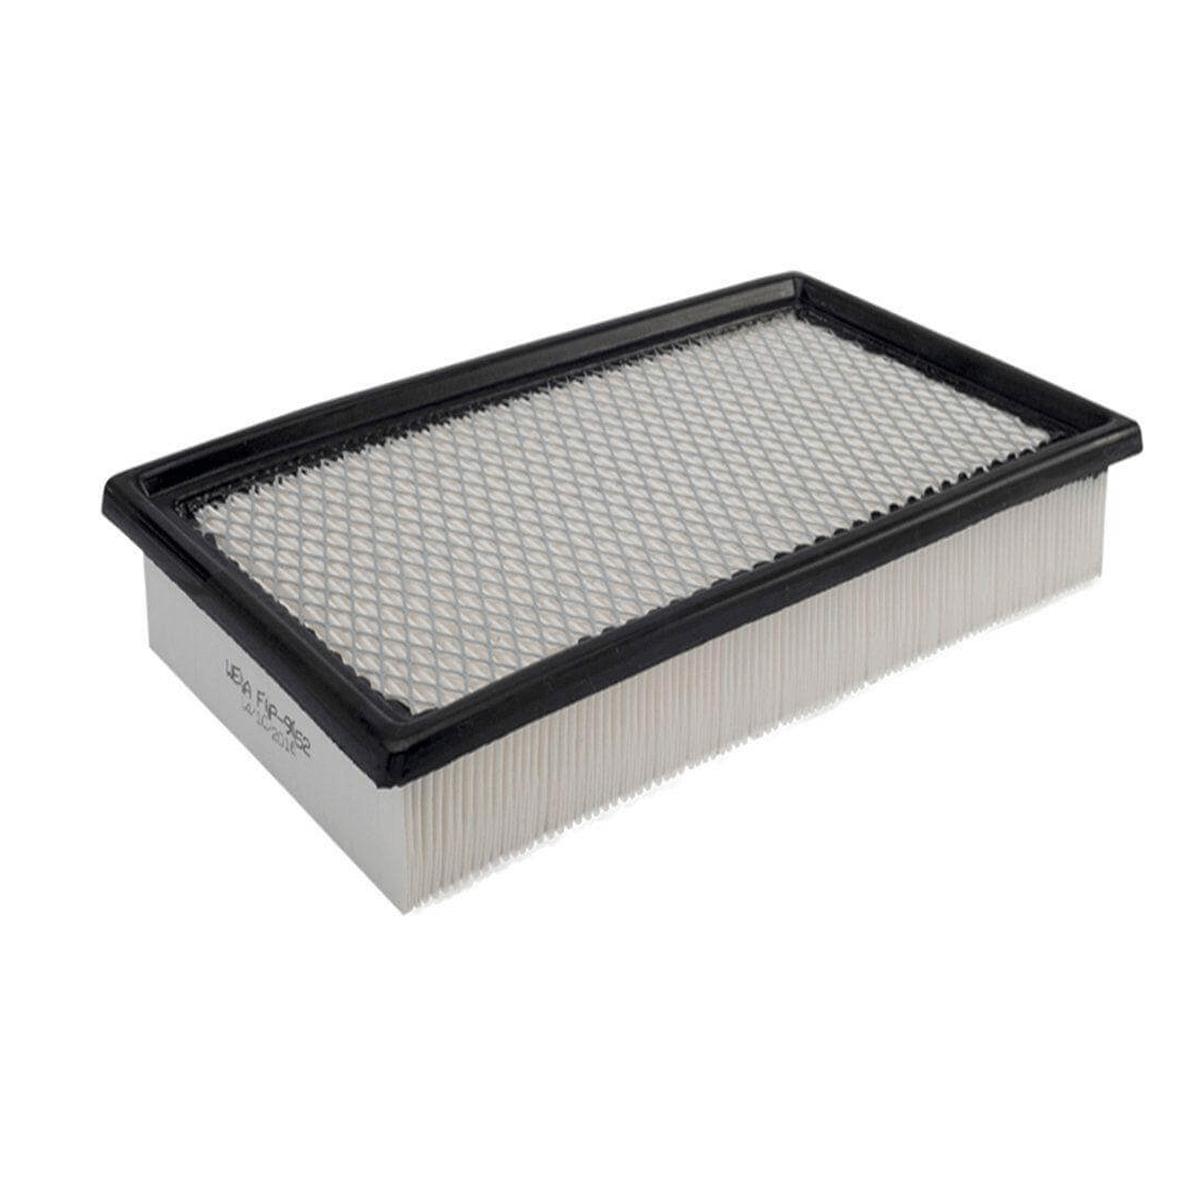 Filtro de Ar Ford Edge 3.5 Wega FAP9052 em até 6x sem juros